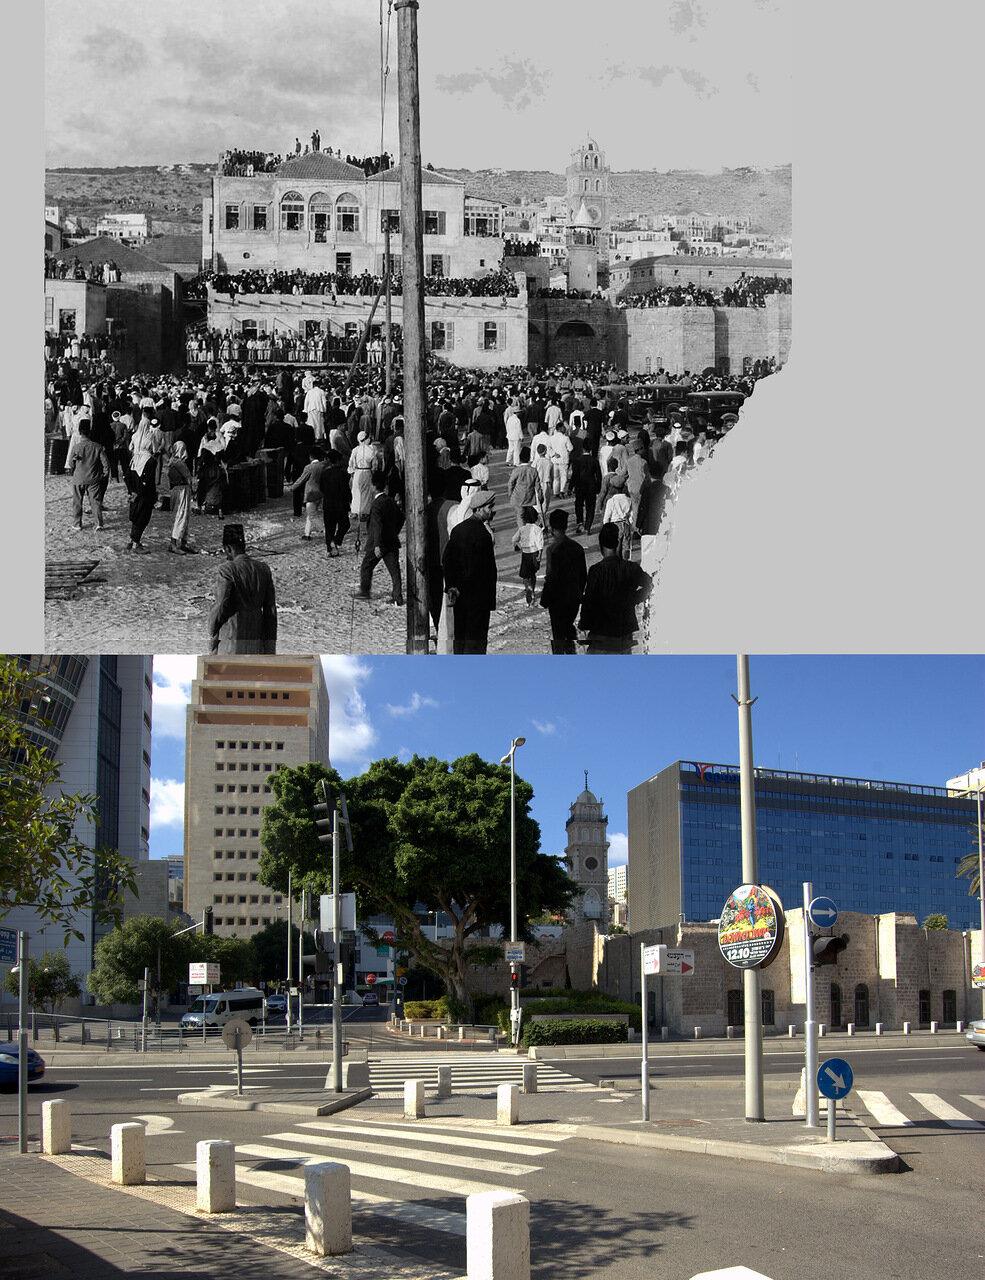 Хайфа. 14 сентября 1933  года. Процессия с телом короля Ирака Фейсала I